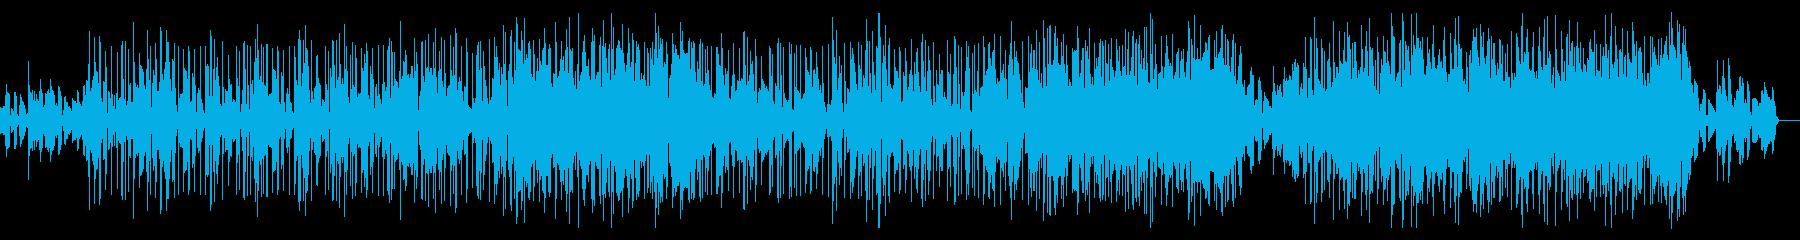 生サックス演奏/ローファイヒップホップの再生済みの波形